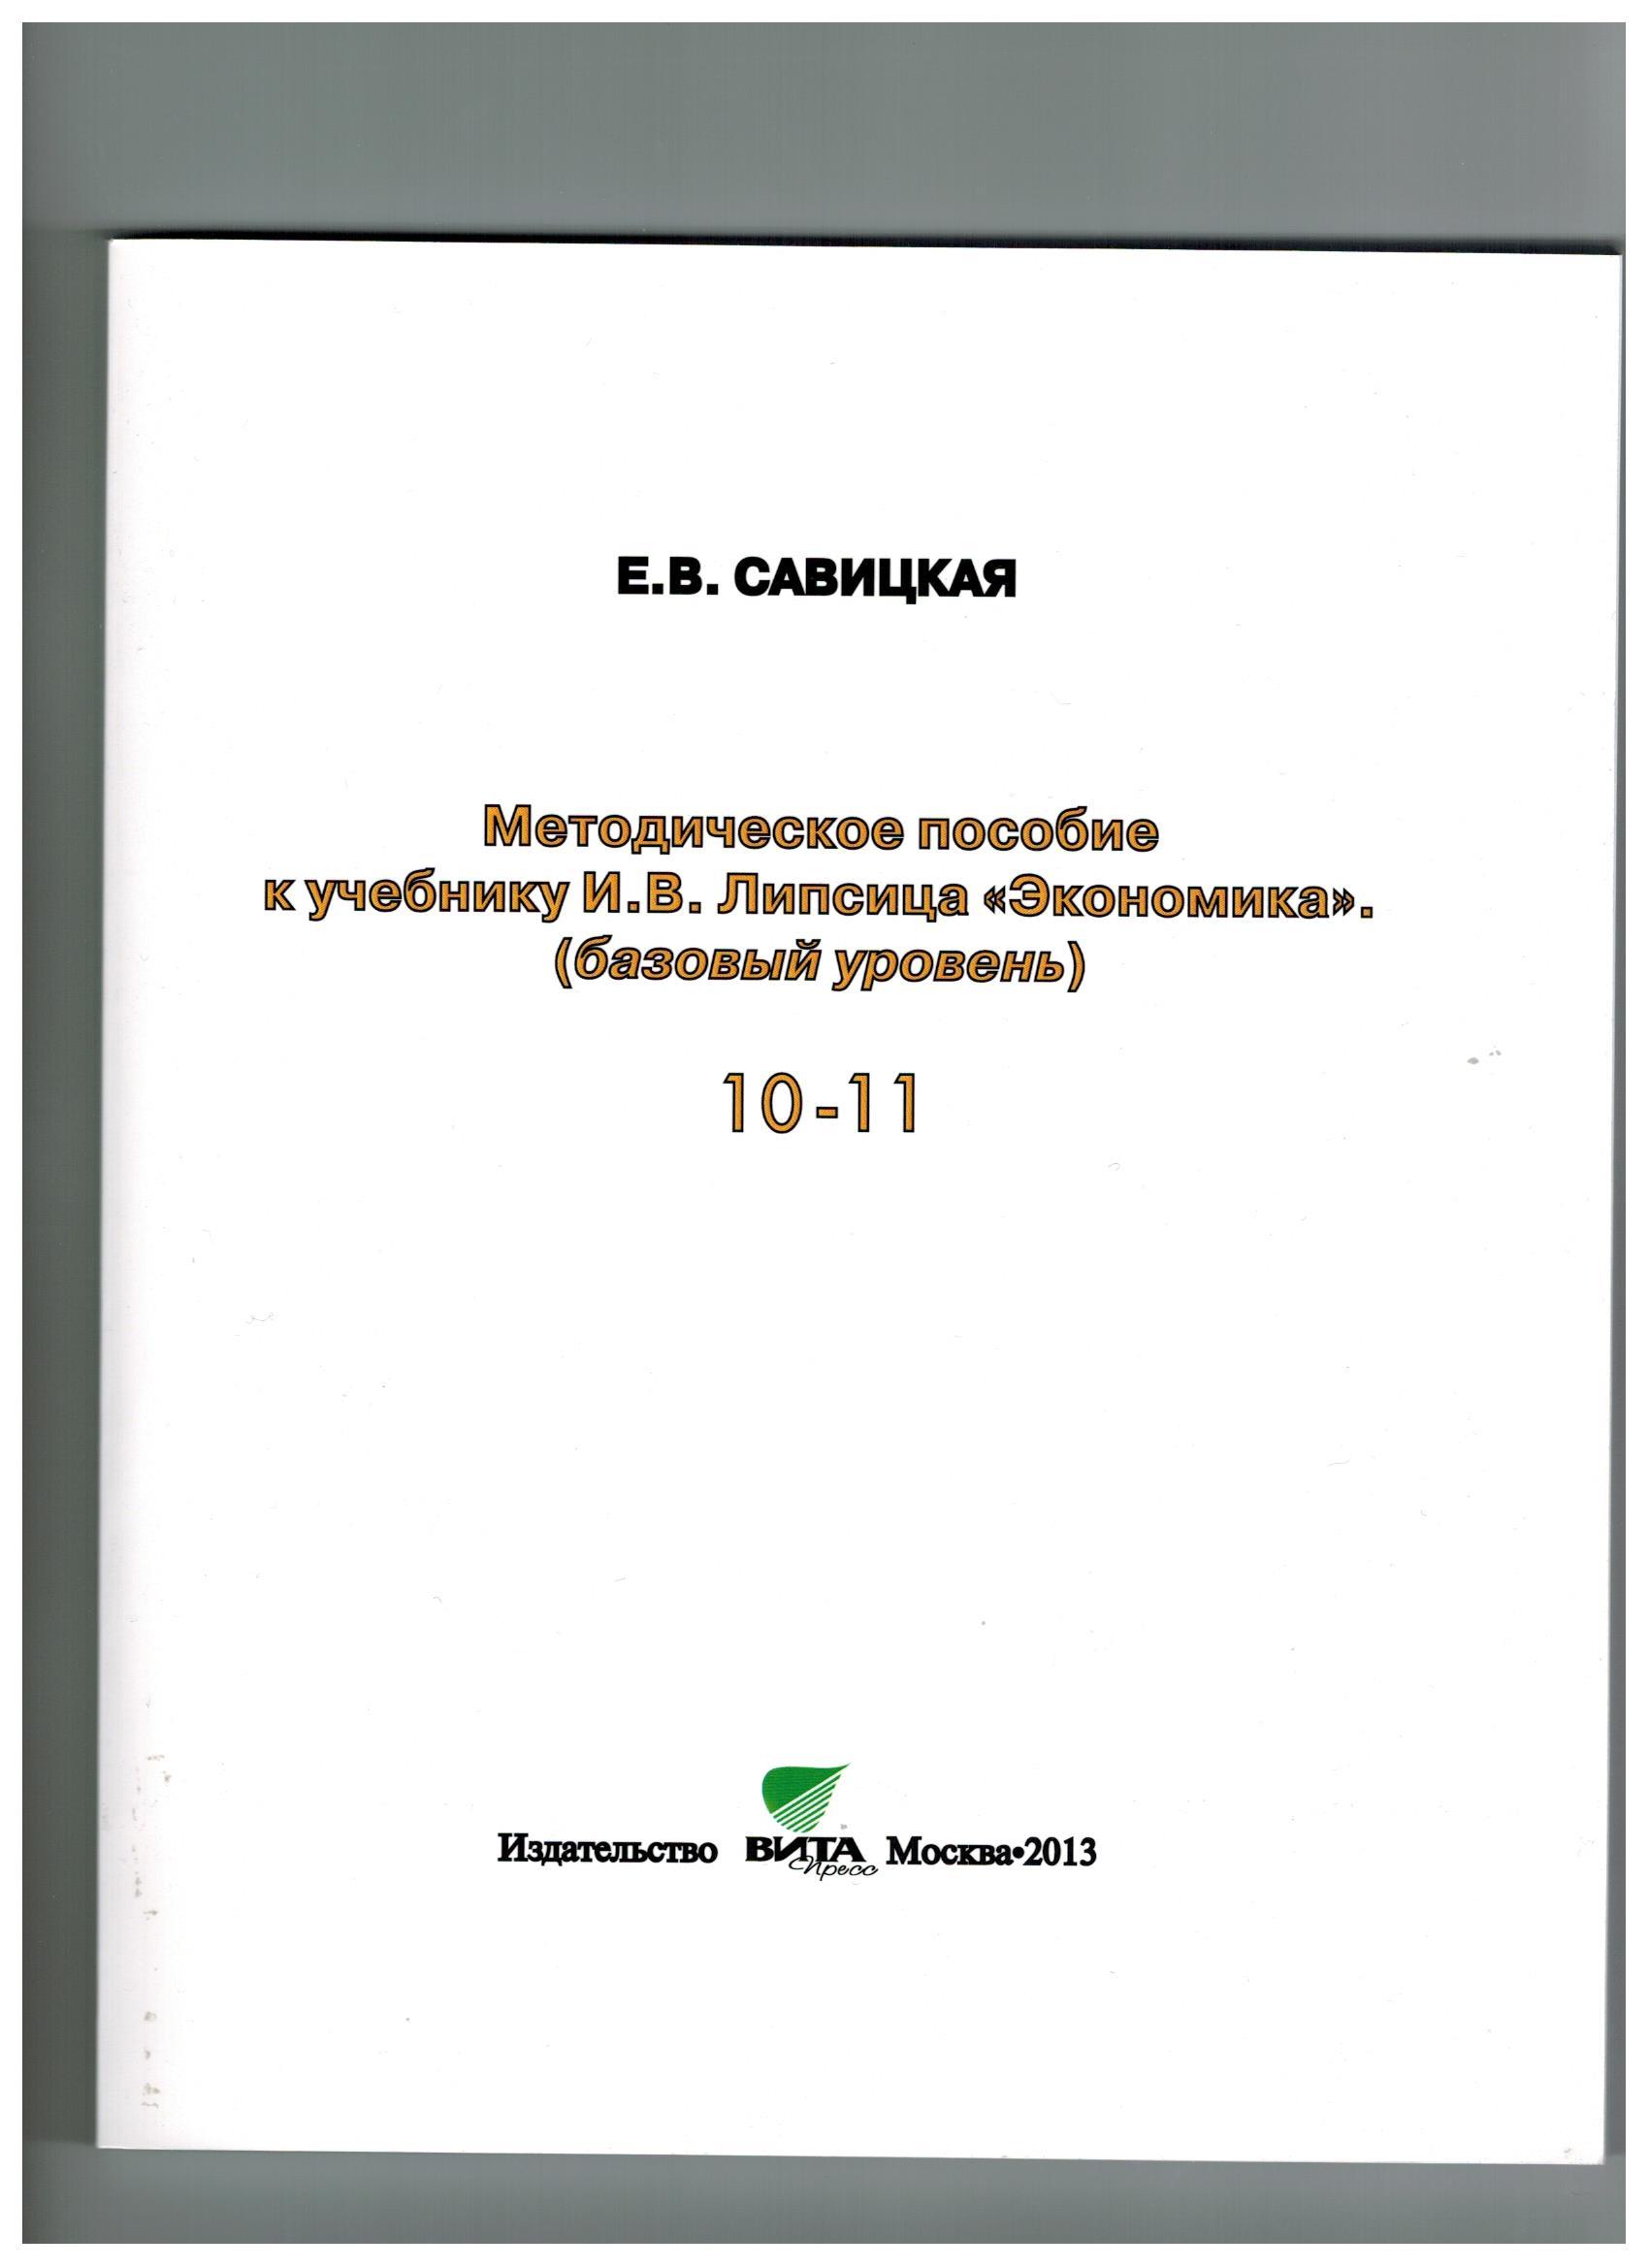 """Методическое пособие к учебнику: И. В. Липсиц """"Экономика"""". Базовый уровень. Для 10, 11 кл. общеобразоват. учрежд."""